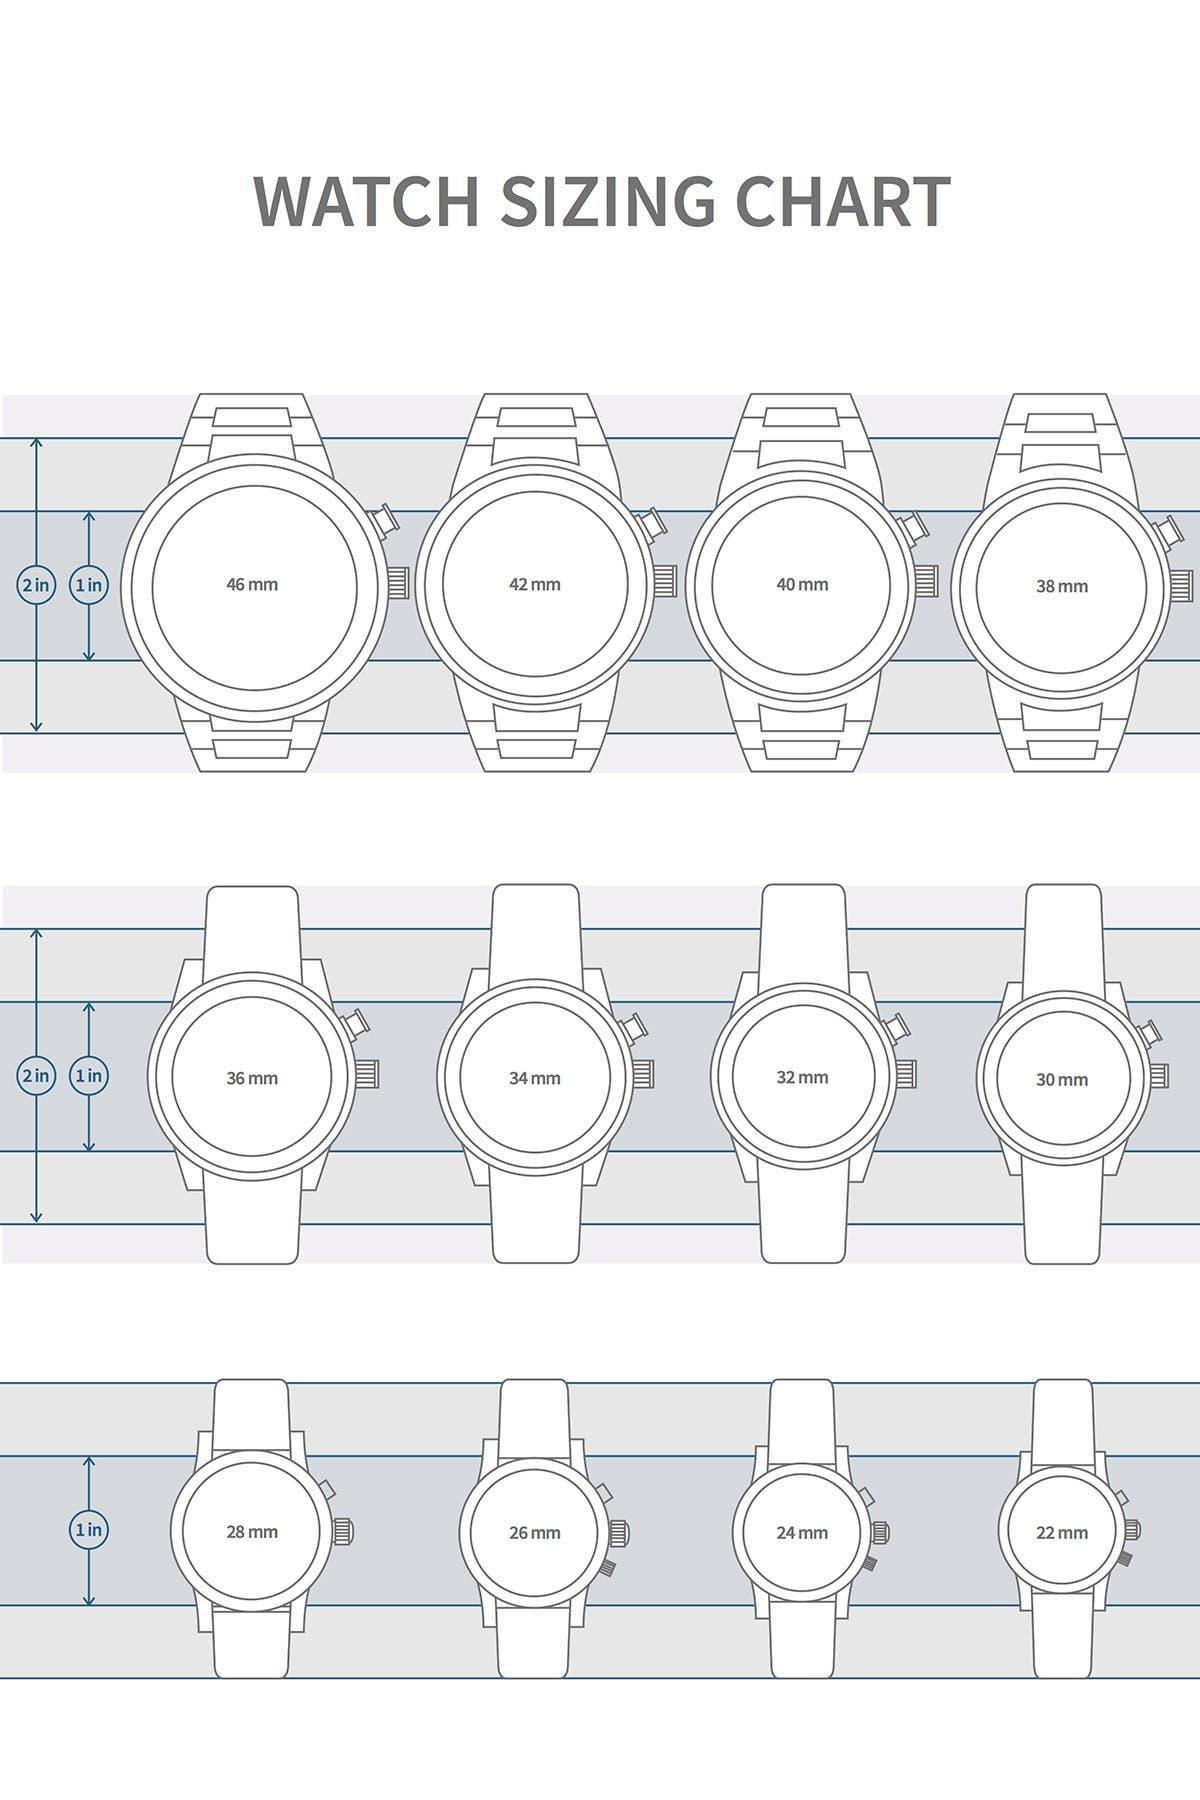 TIMEX (R) MK1 LEATHER STRAP WATCH